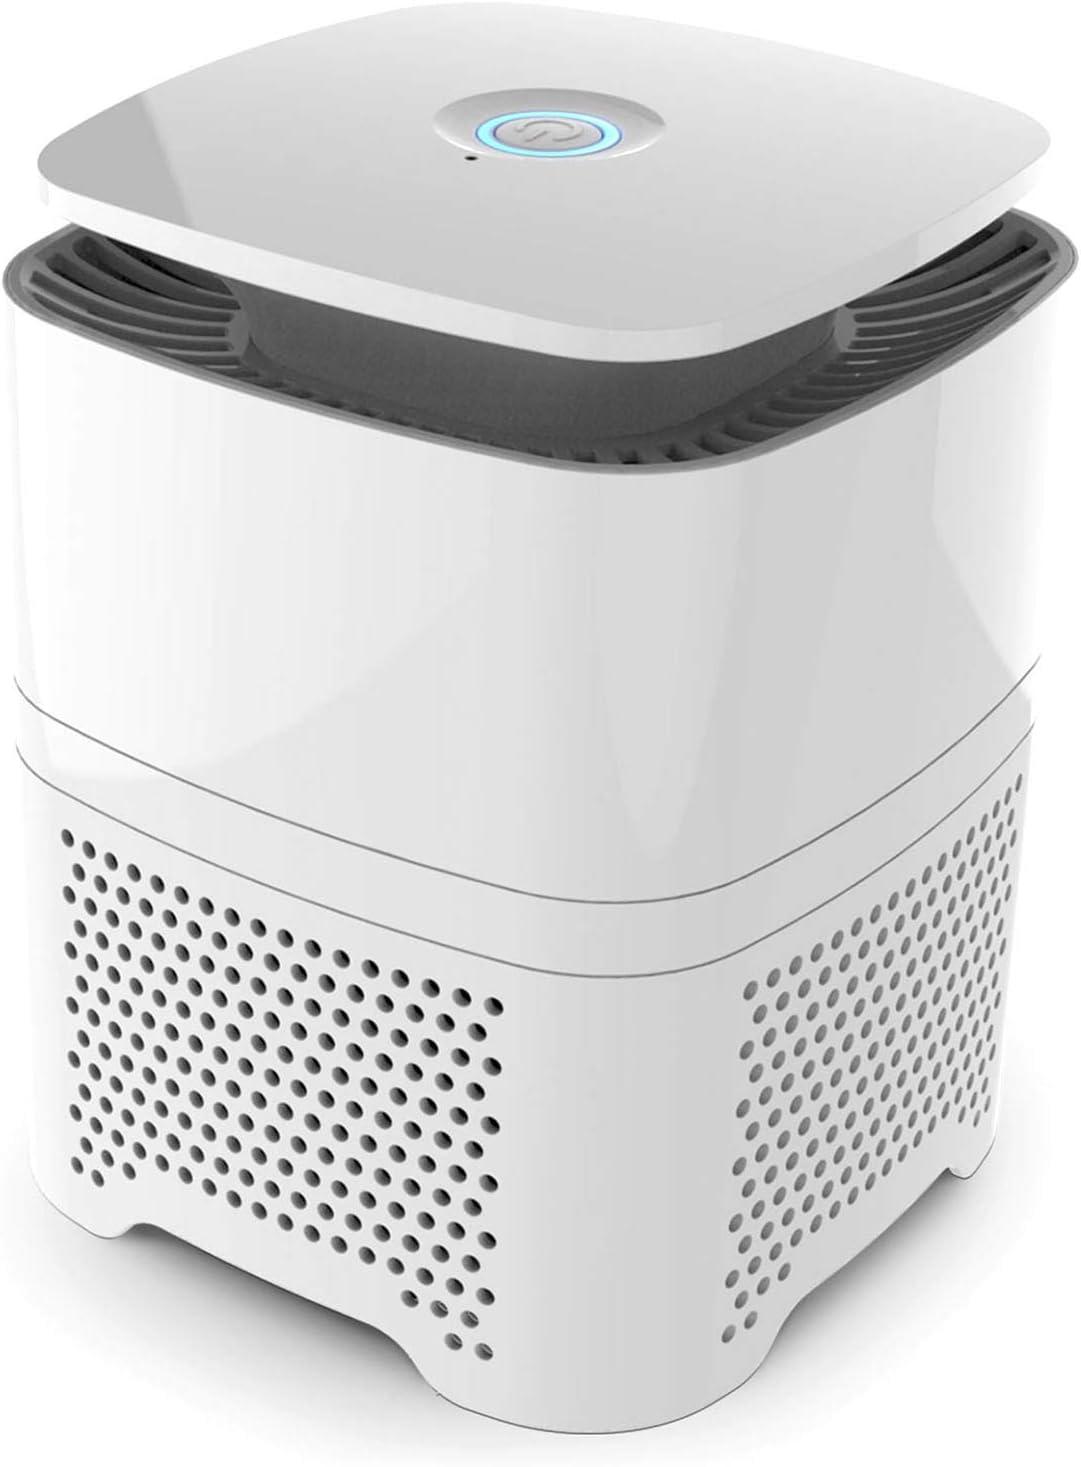 Pro Breeze Purificador de Aire 4 in 1 con Prefiltro, Filtro Auténtico HEPA & Filtro de Carbón Activado con Generador de Iones Negativos. Limpiador de Aire Personal de ...